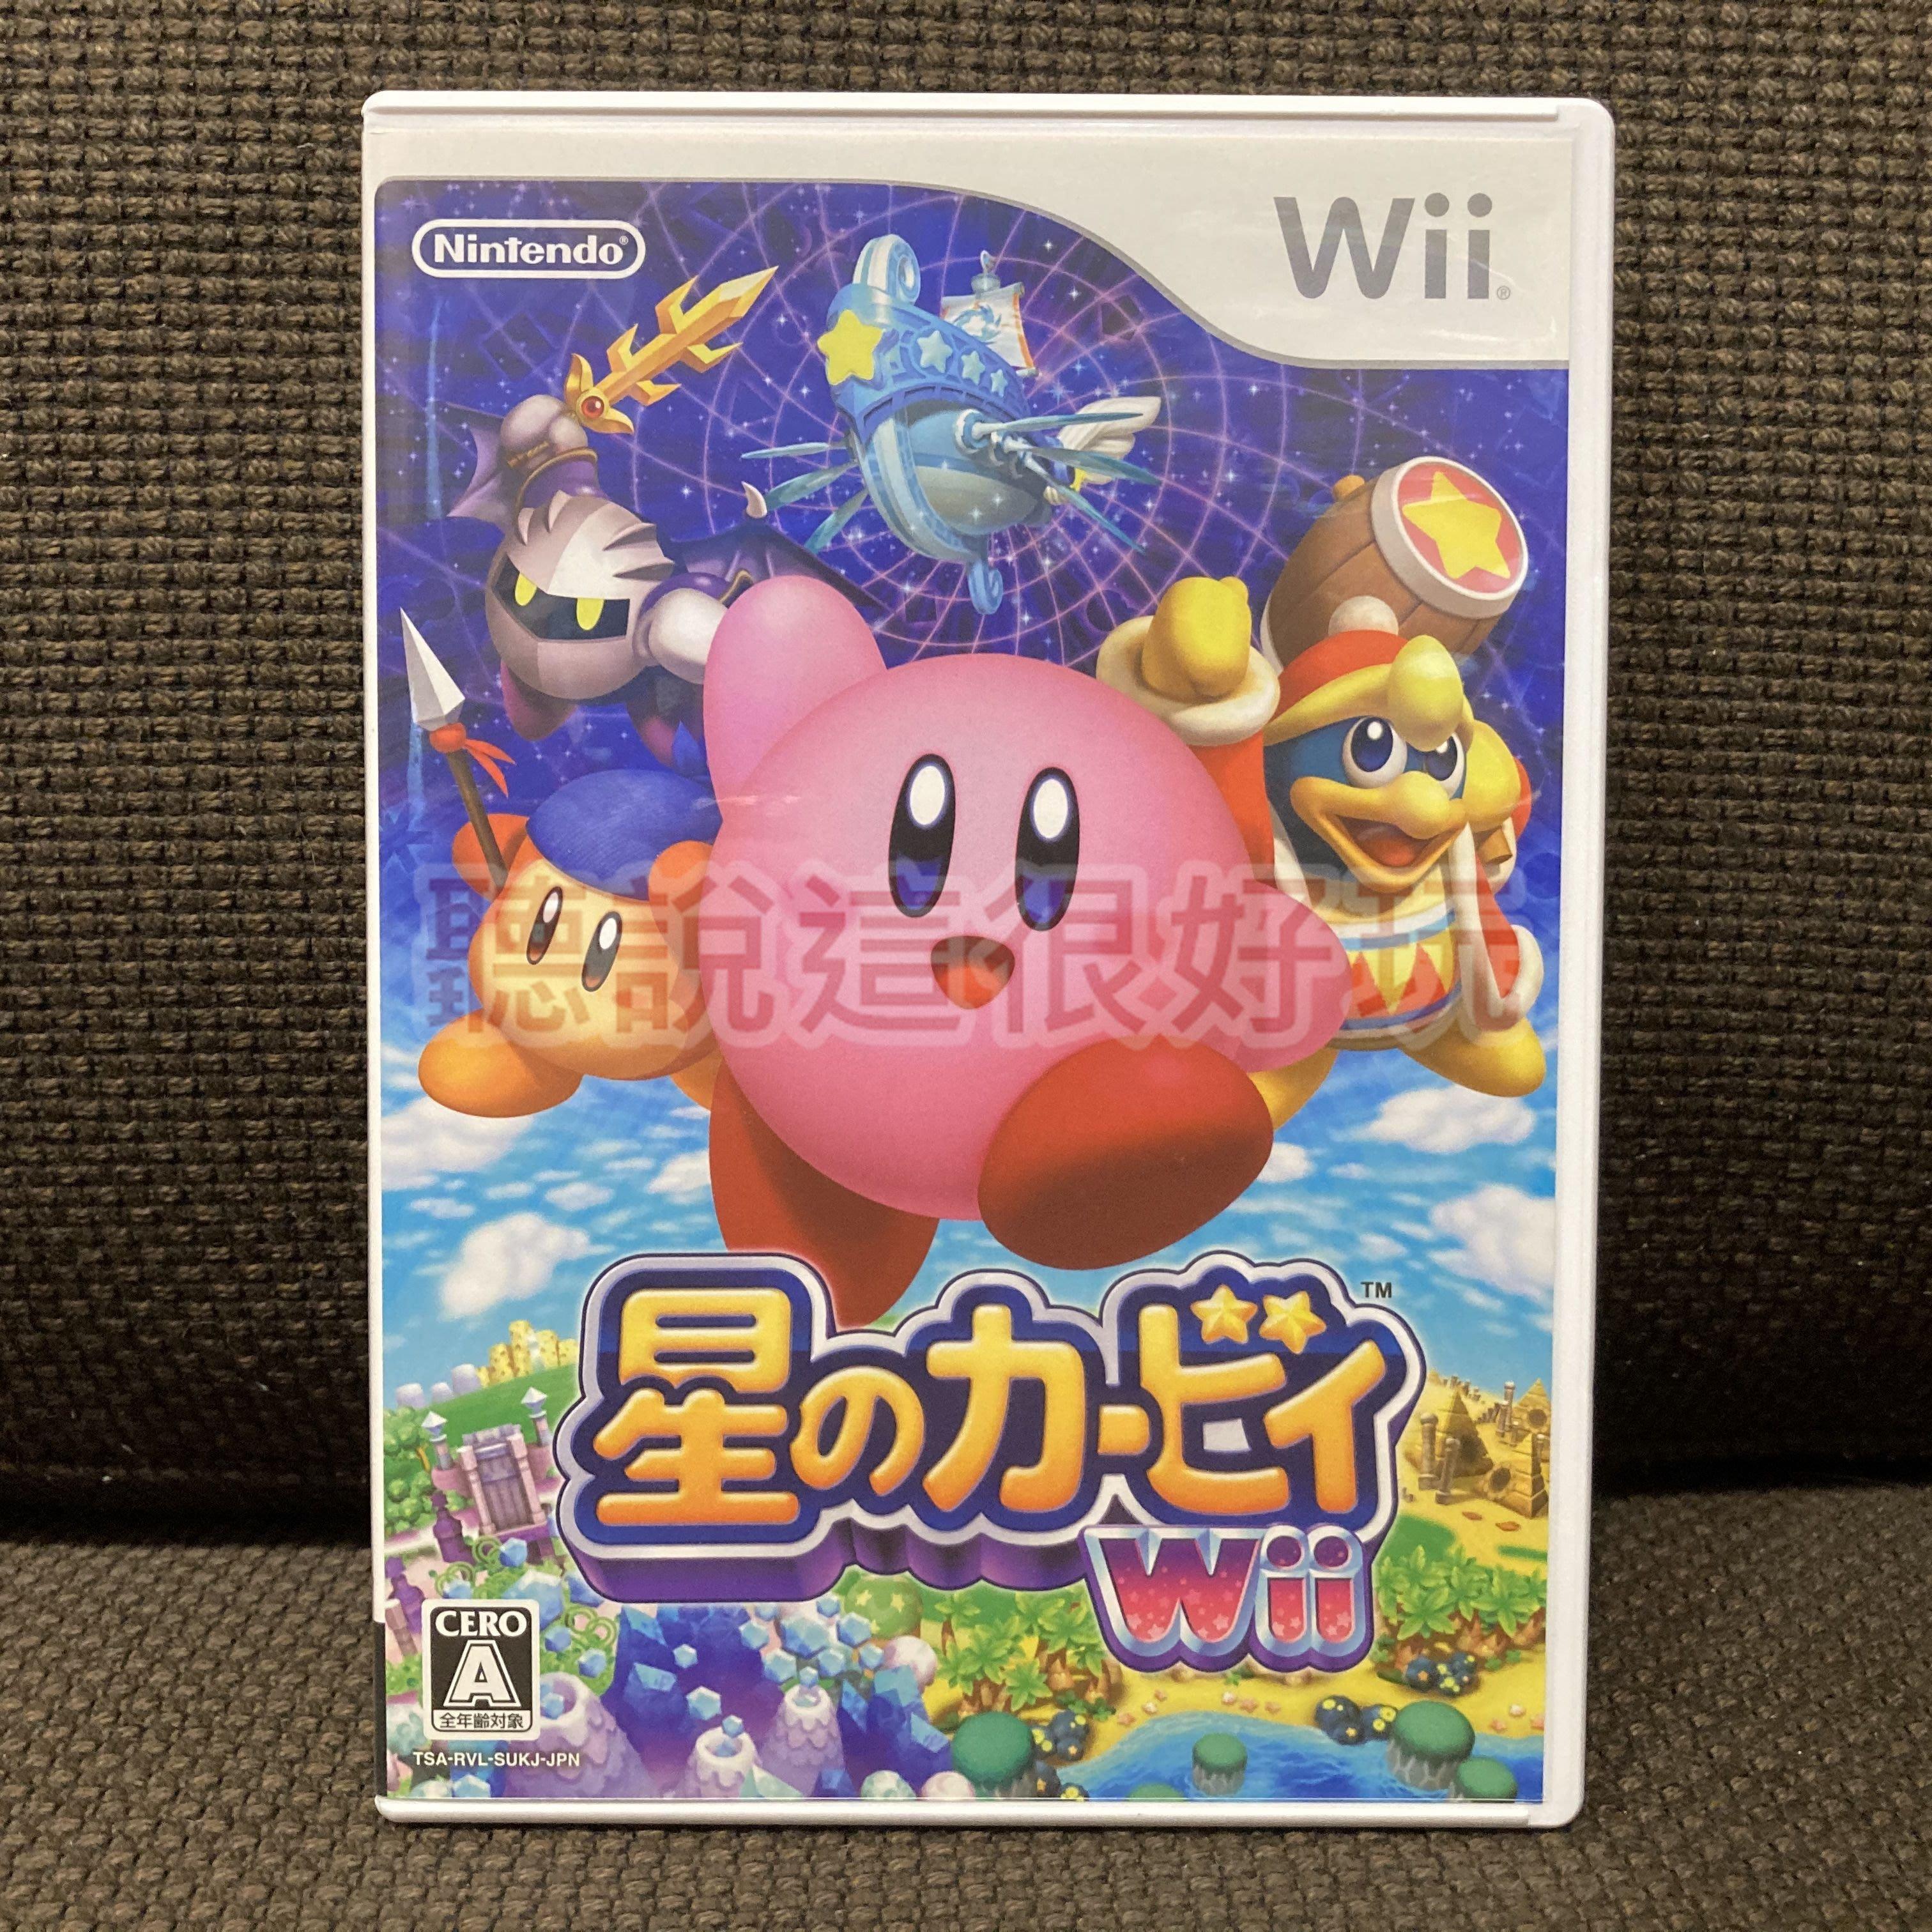 滿千免運 Wii 星之卡比 Kirbys Return to Dreamland 日版 正版 遊戲 12 W968